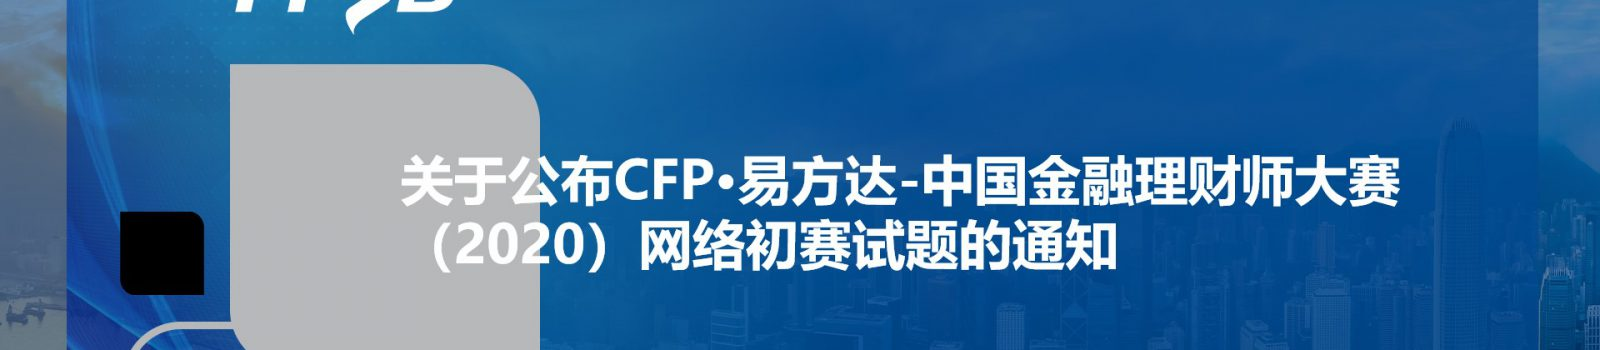 关于公布CFP·易方达-中国金融理财师大赛(2020)网络初赛试题的通知